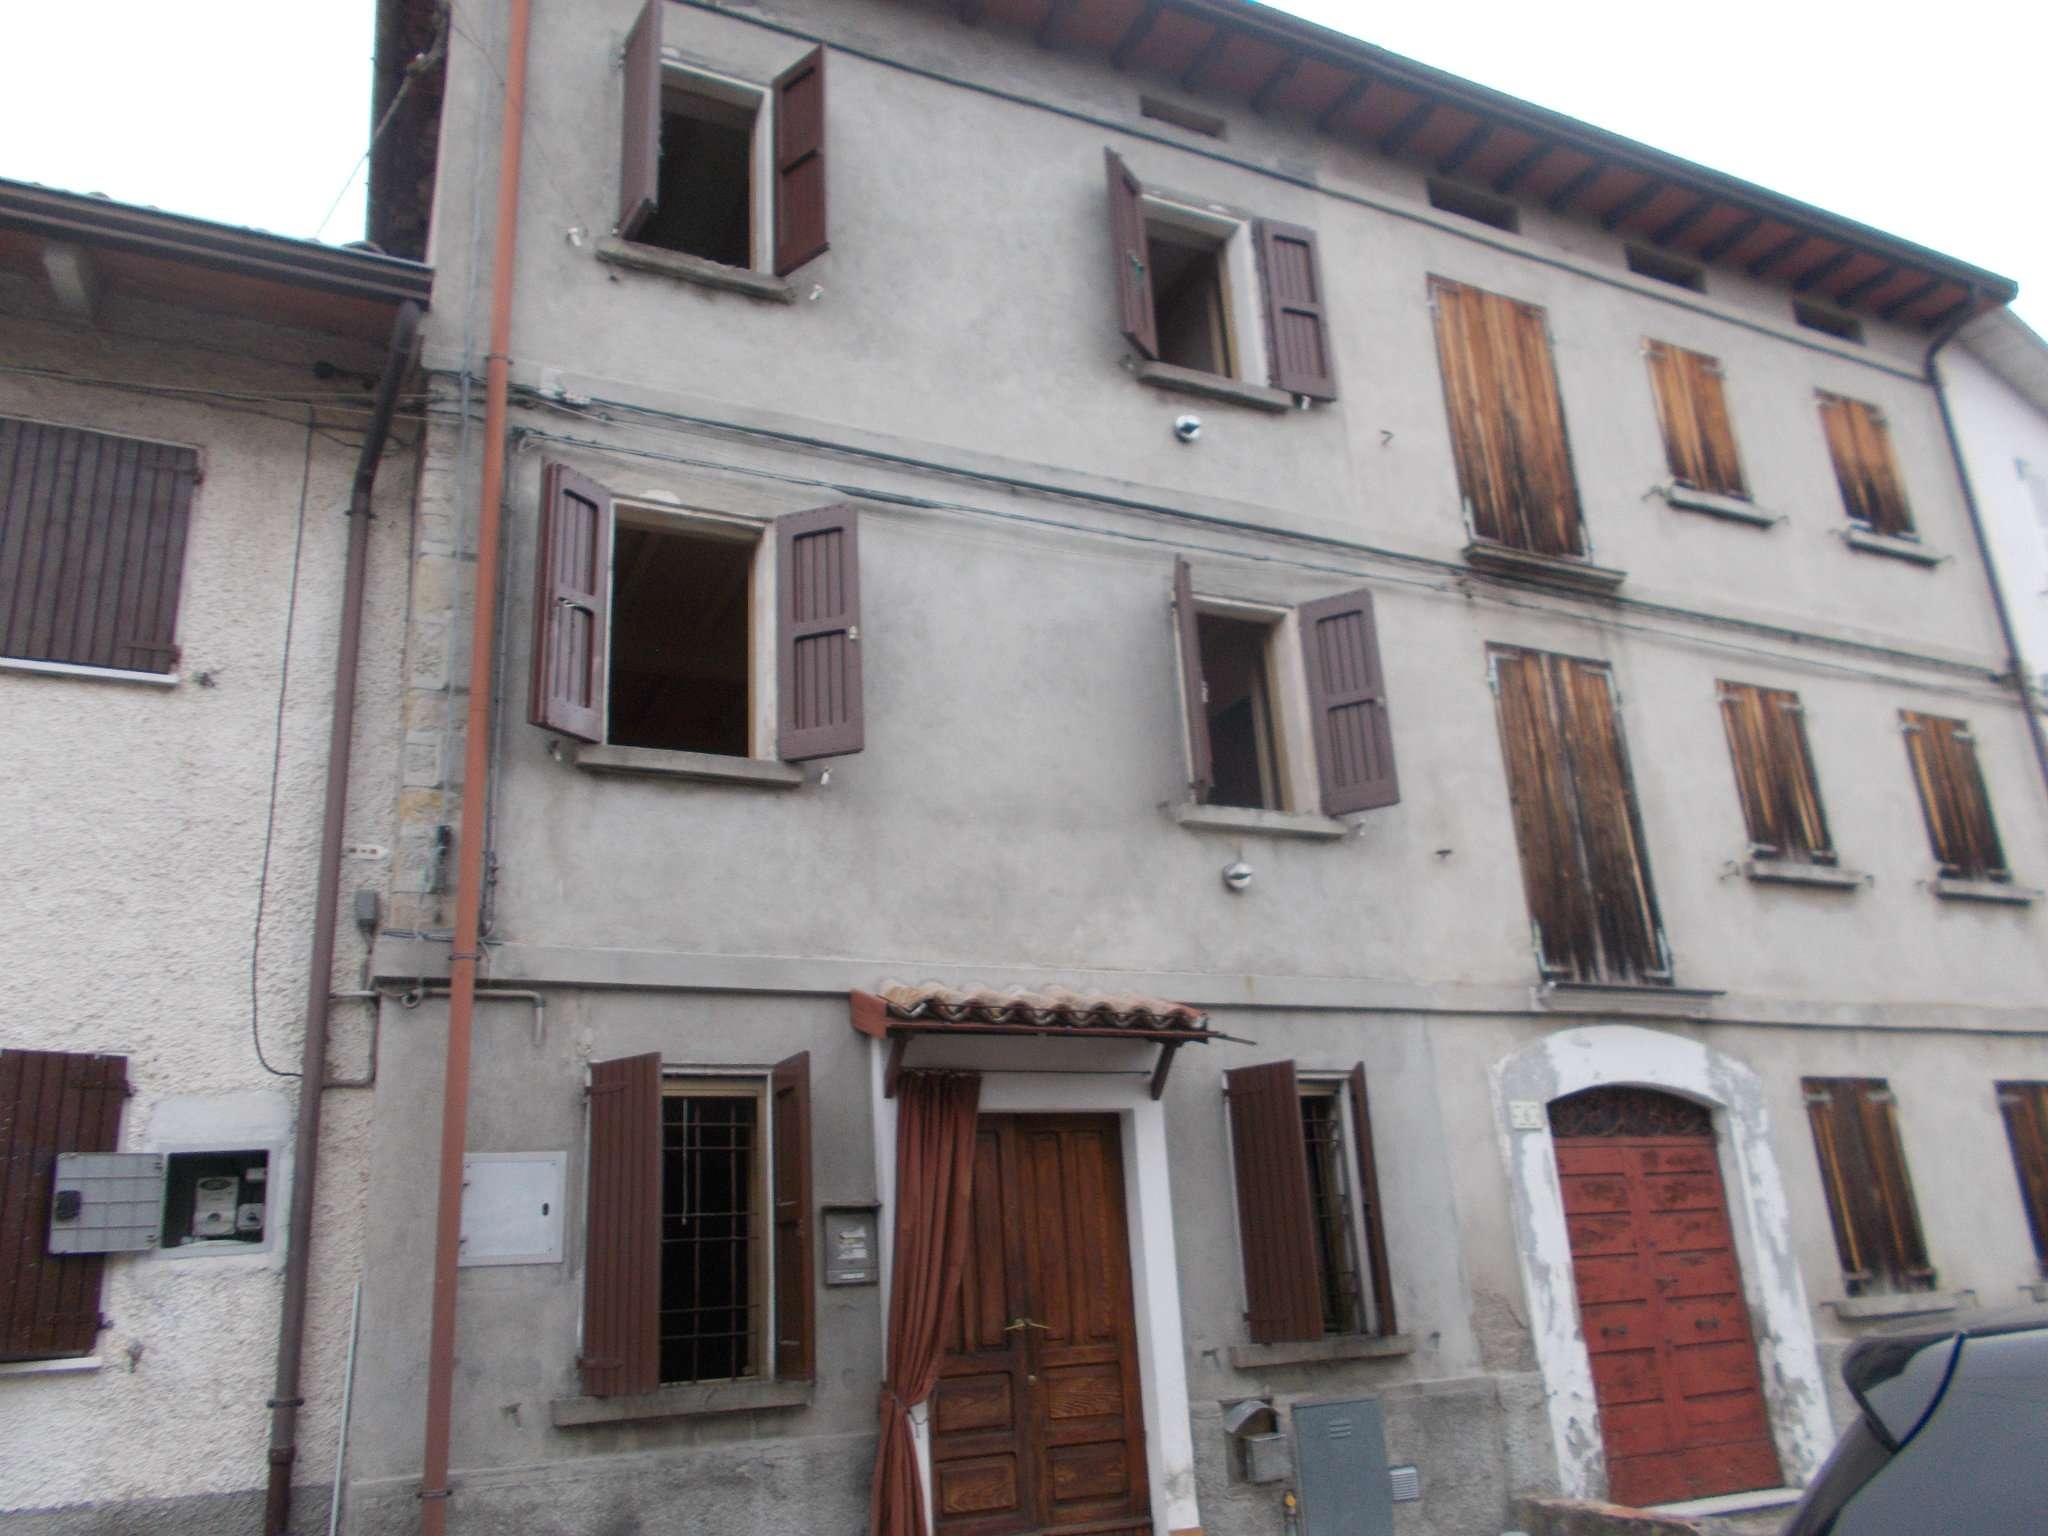 Soluzione Indipendente in vendita a Casina, 3 locali, prezzo € 20.000 | CambioCasa.it